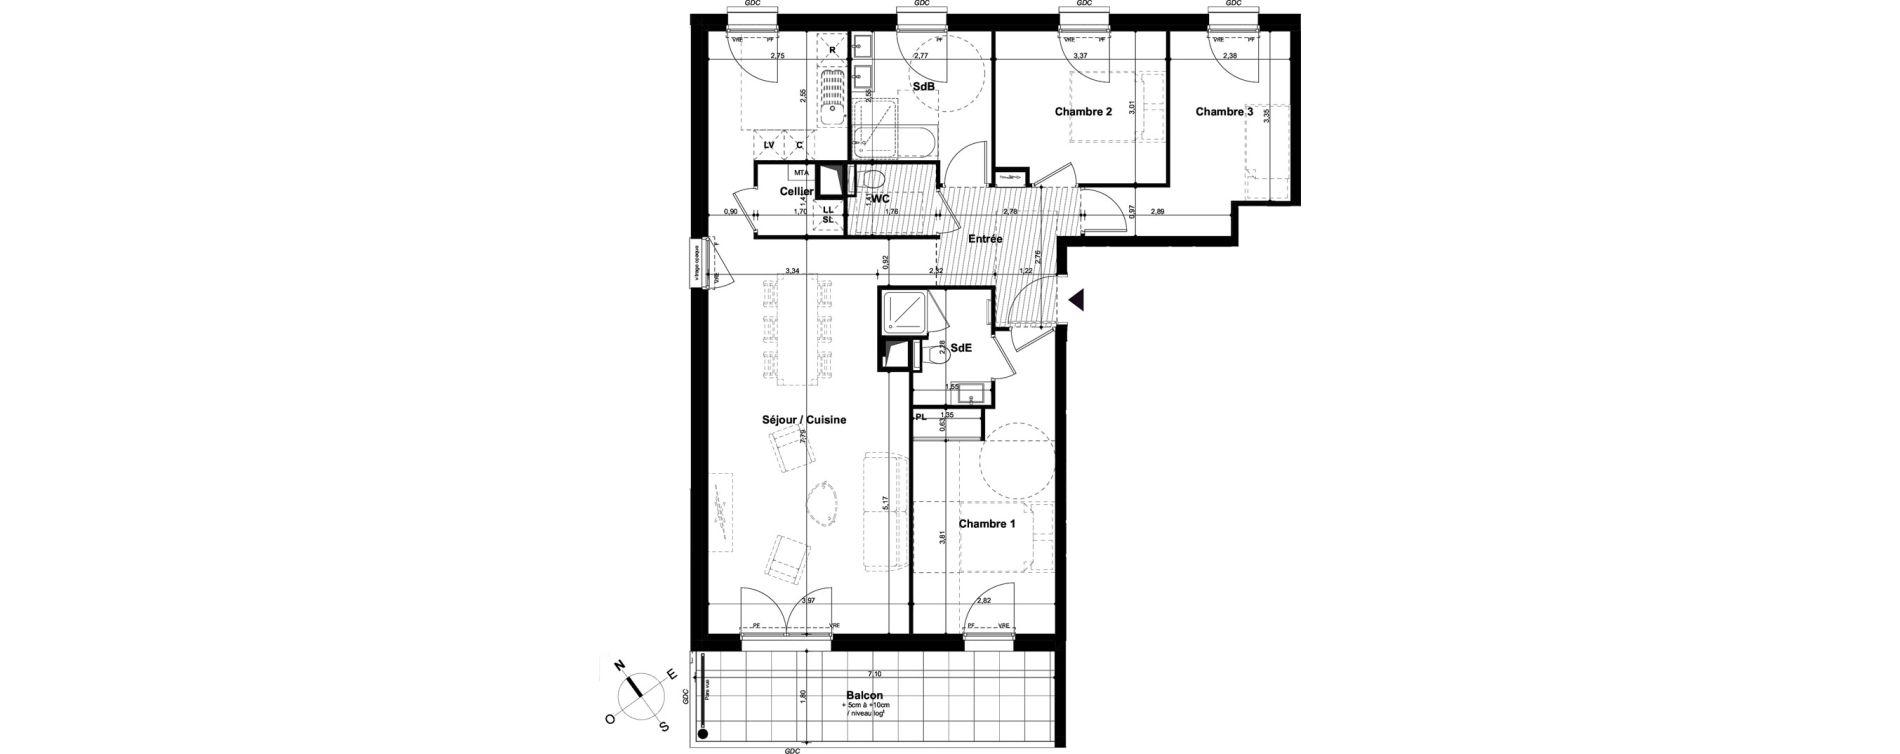 Appartement T4 de 95,43 m2 à Angers Hauts de saint-aubin